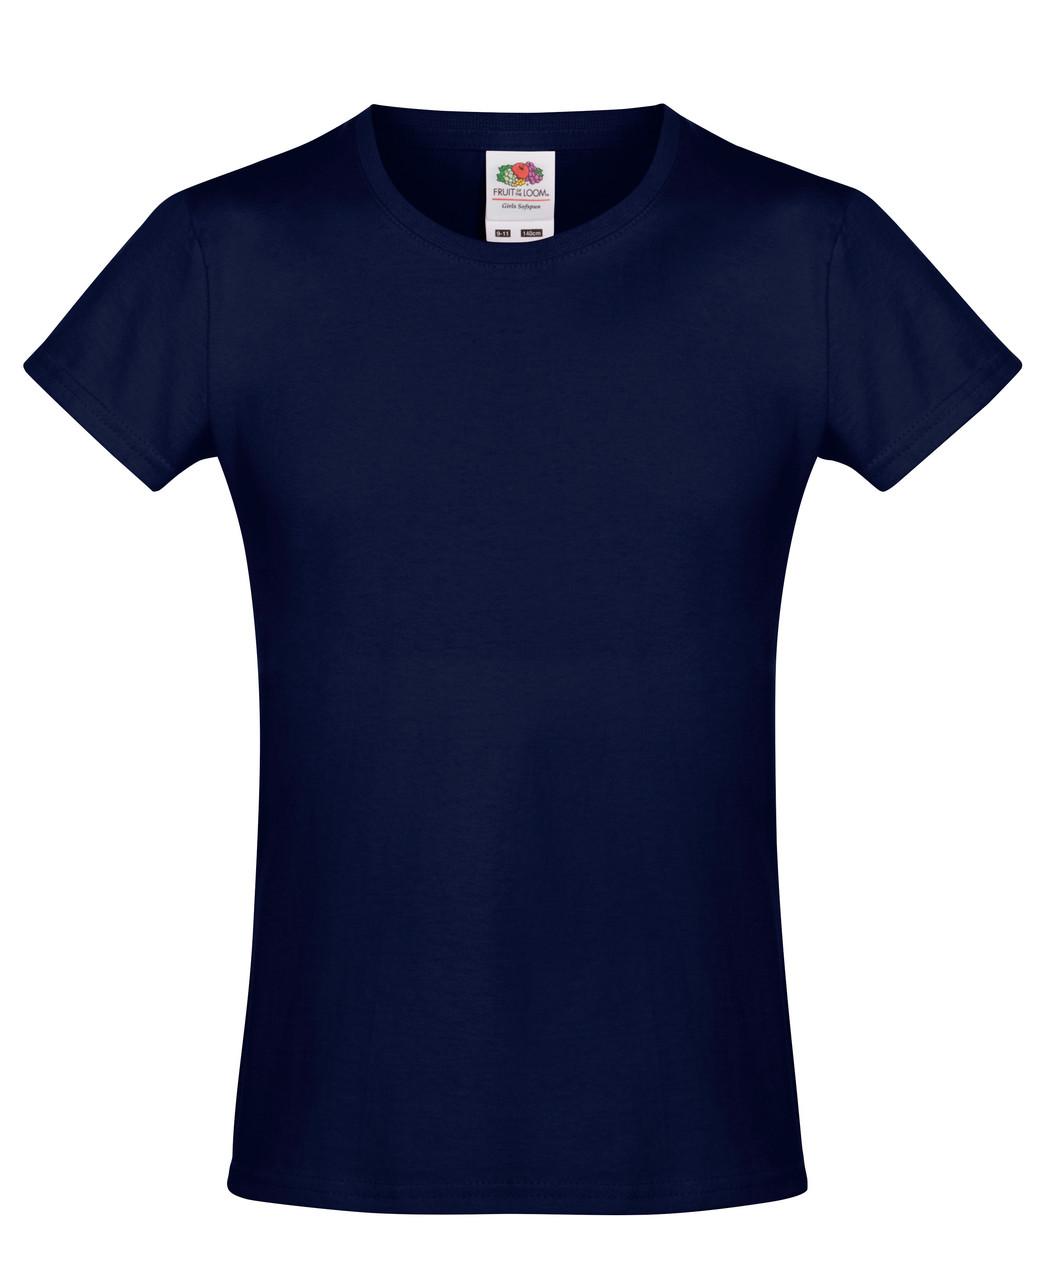 Детская футболка Мягкая для Девочек Глубоко тёмно-синяя Fruit of the loom 61-017-Az 12-13